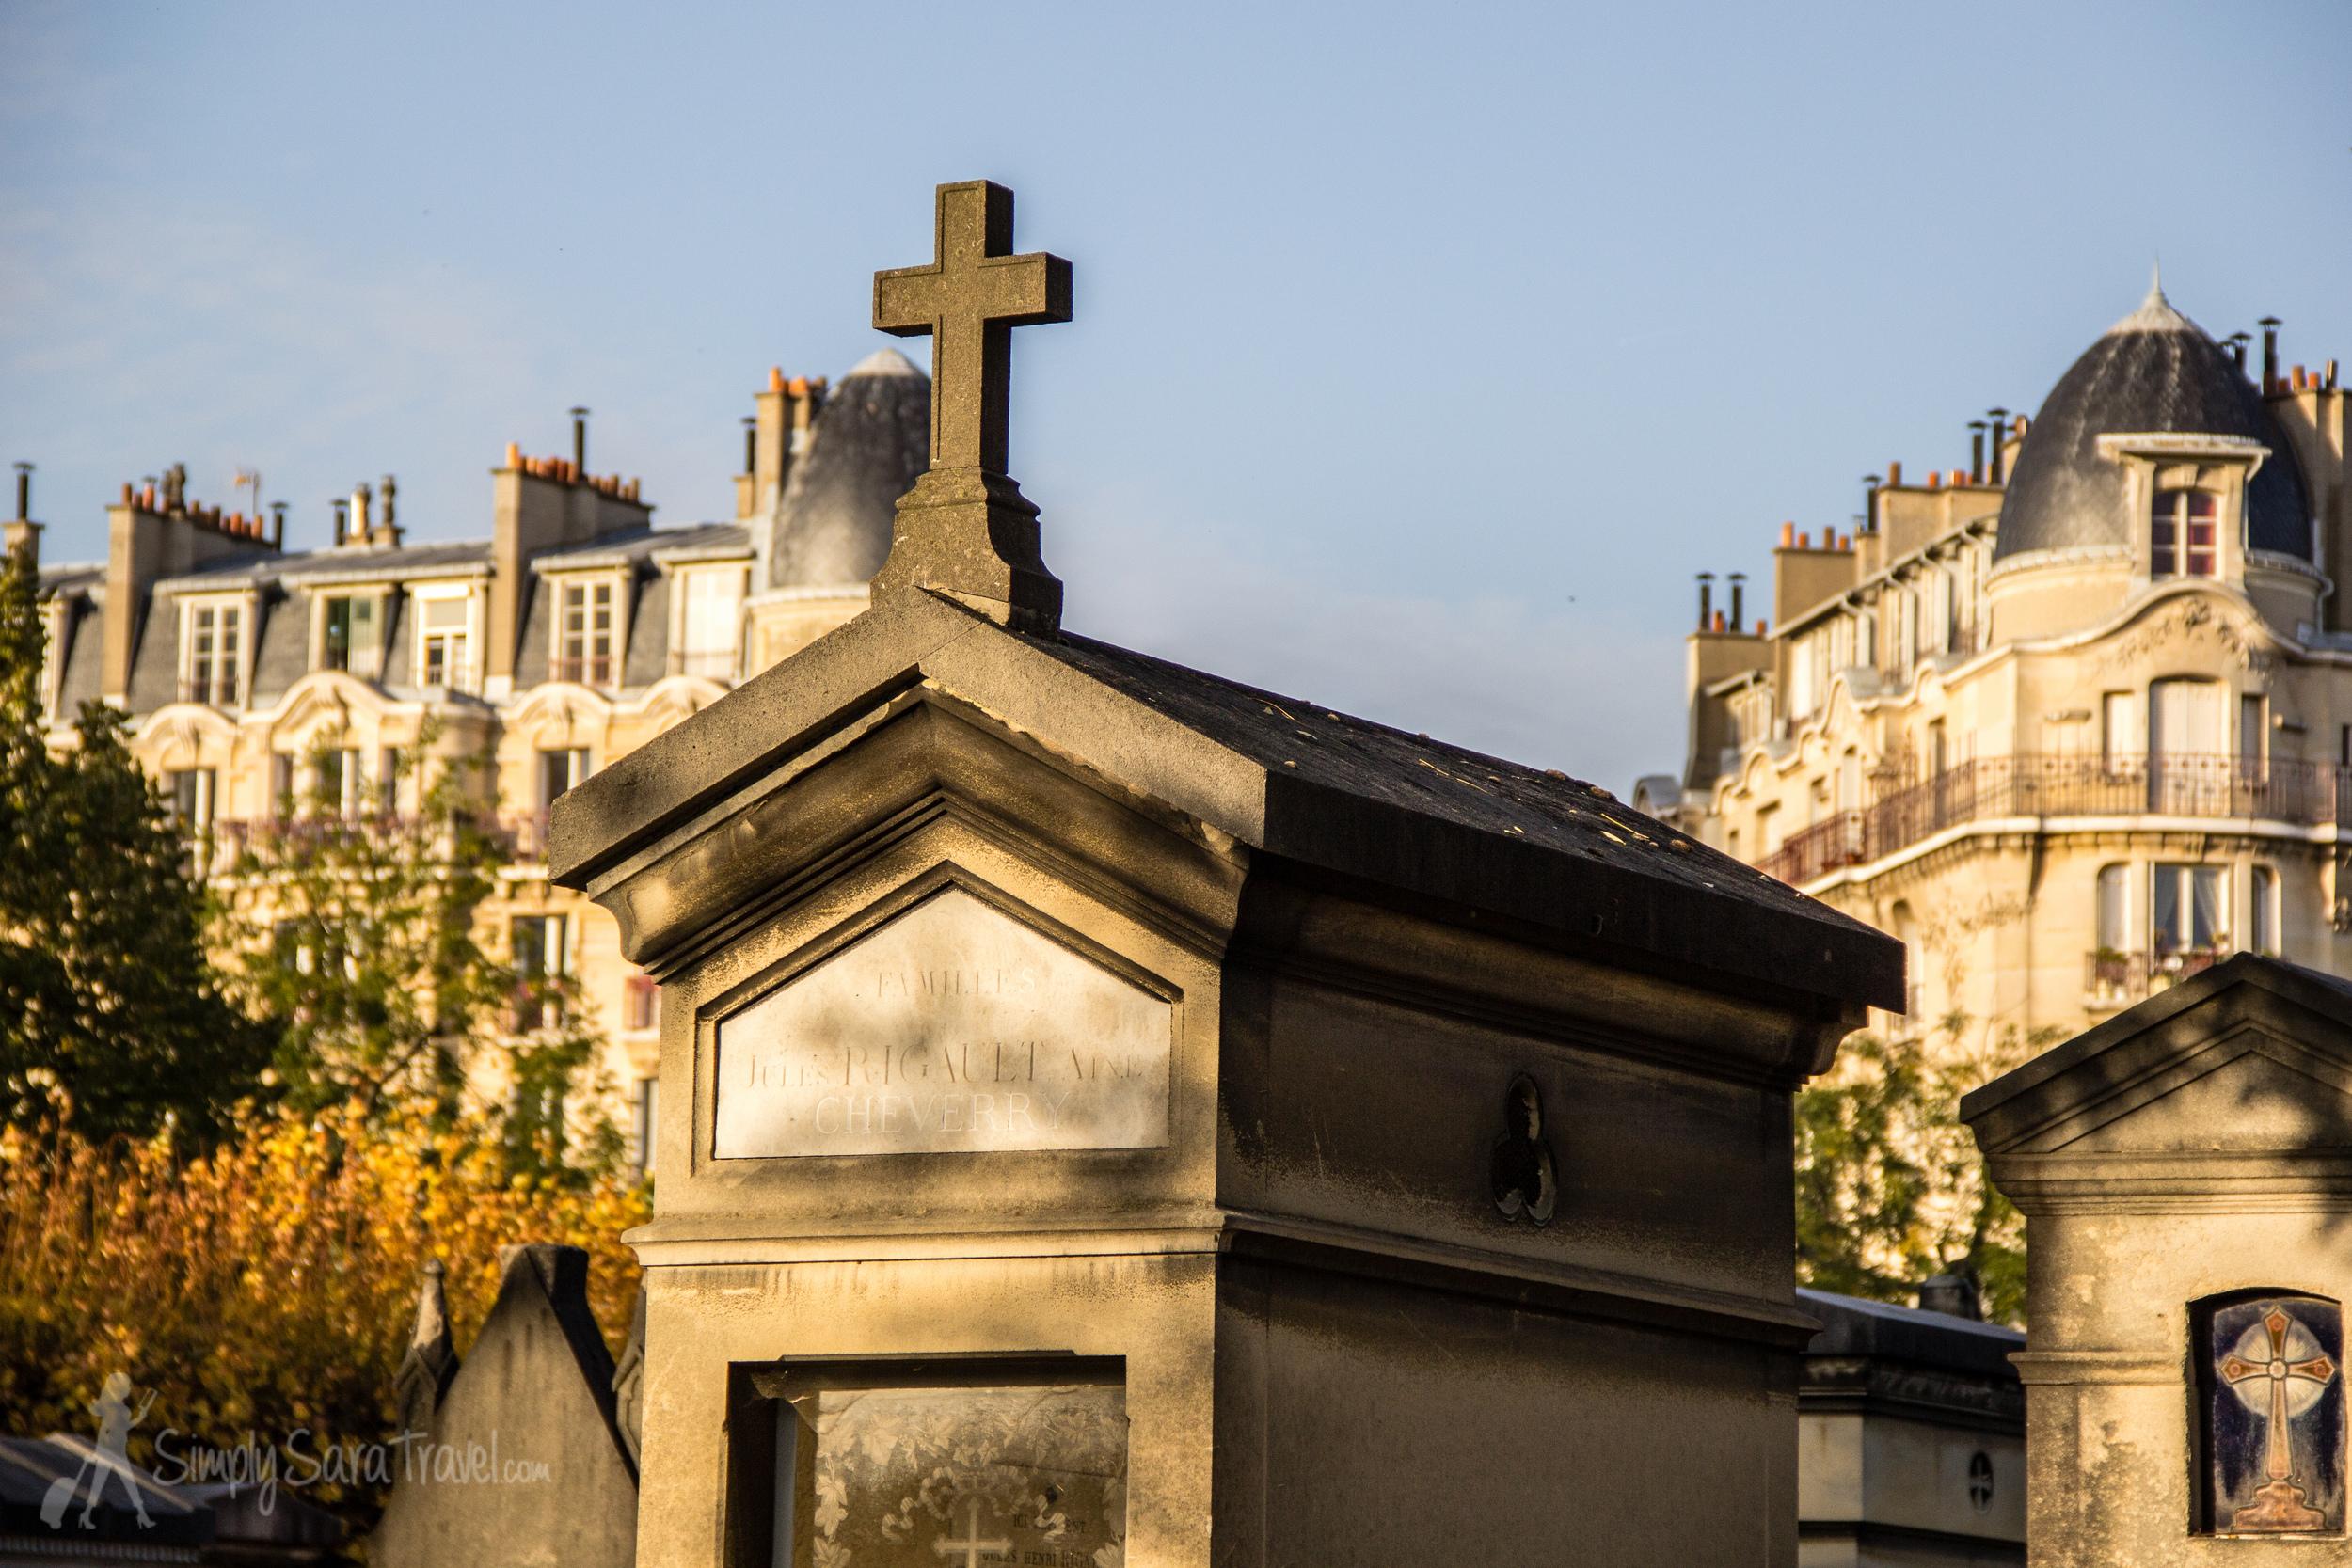 Tomb stones and Paris at Cimetière du Montparnasse